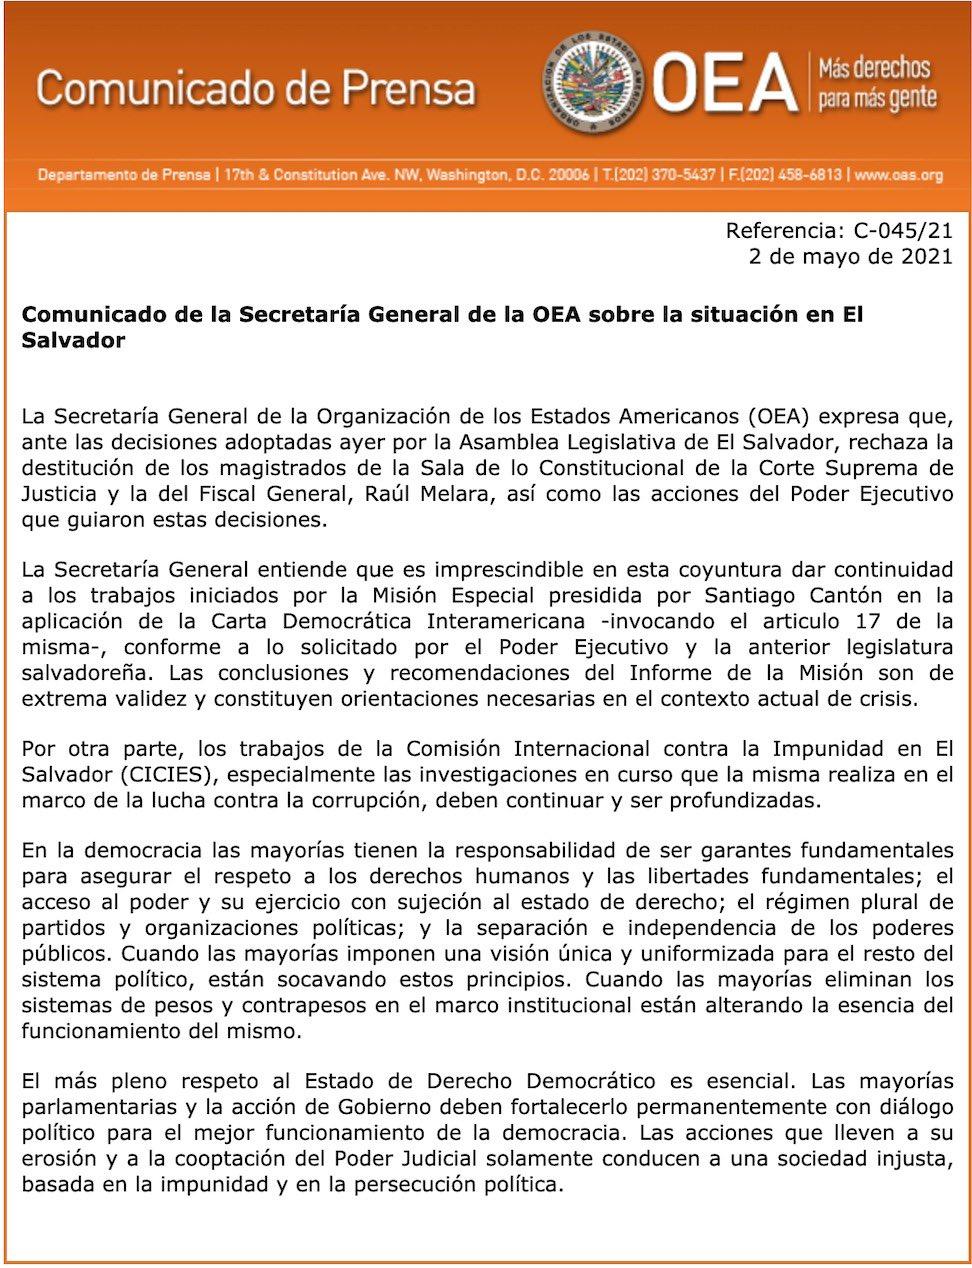 Pronunciamiento OEA ante destitucion dw Magistrados de la Corte Suprema de Justicia